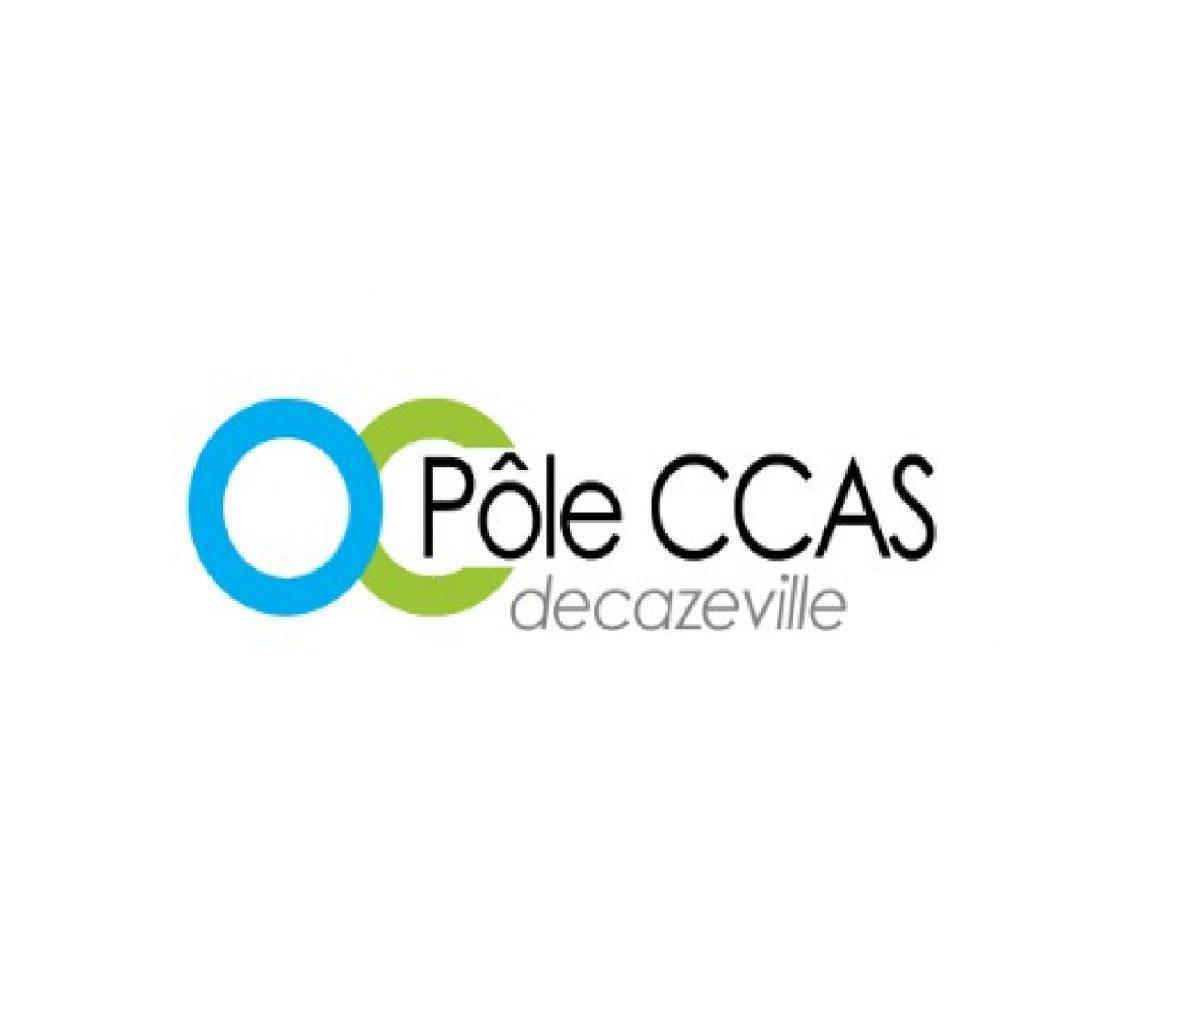 C.C.A.S. Decazeville